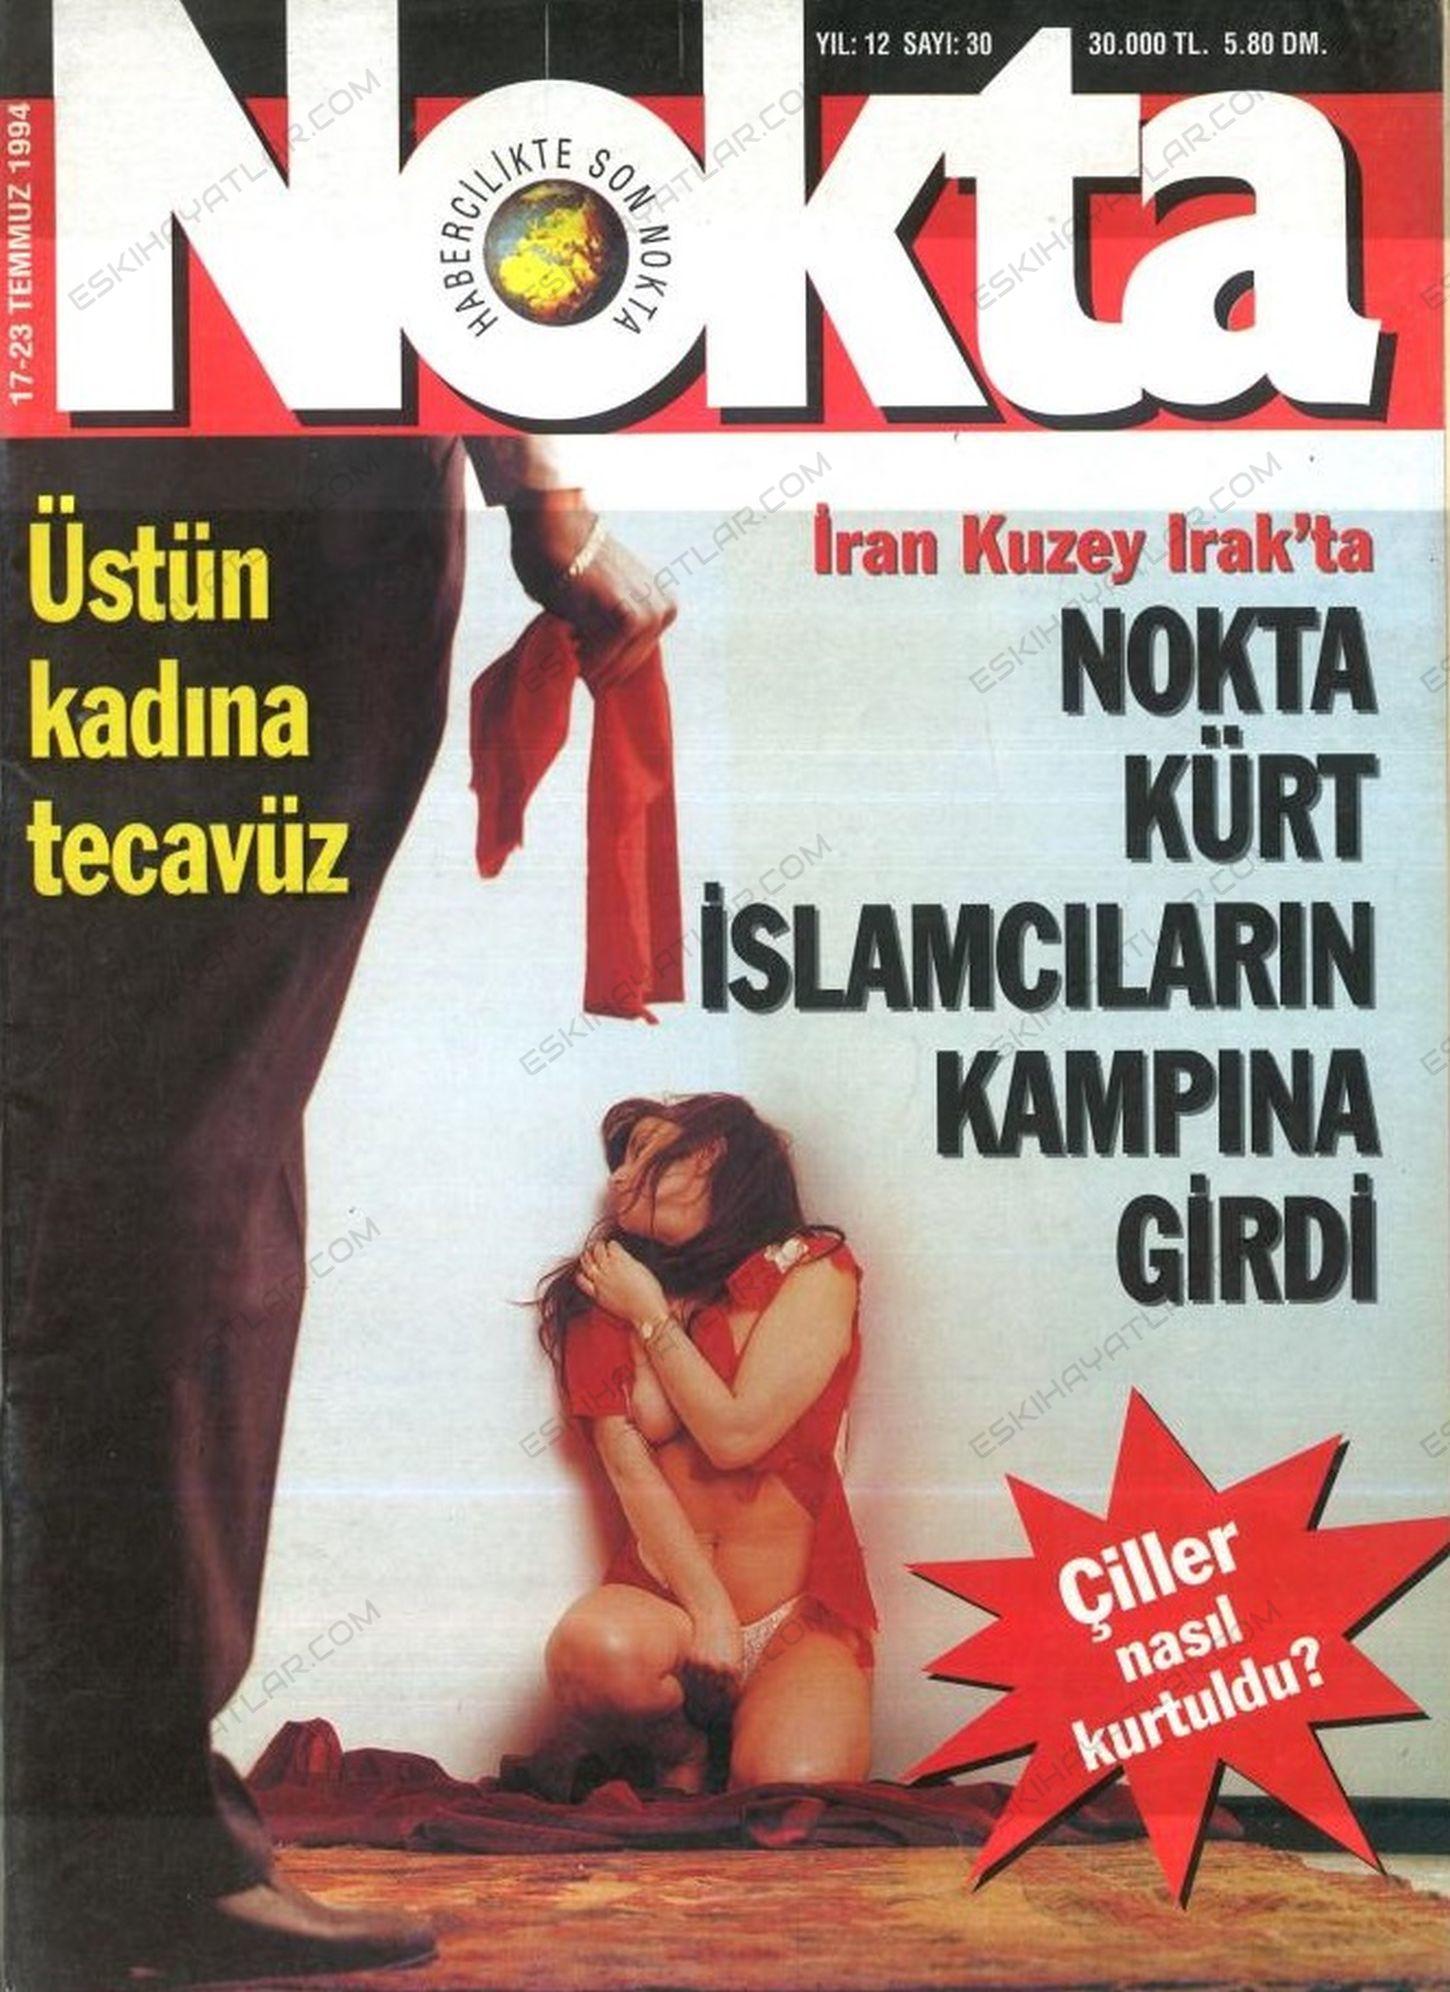 gulben-ergen-mankenlik-yillari-1994-nokta-dergisi-roportaji (2)